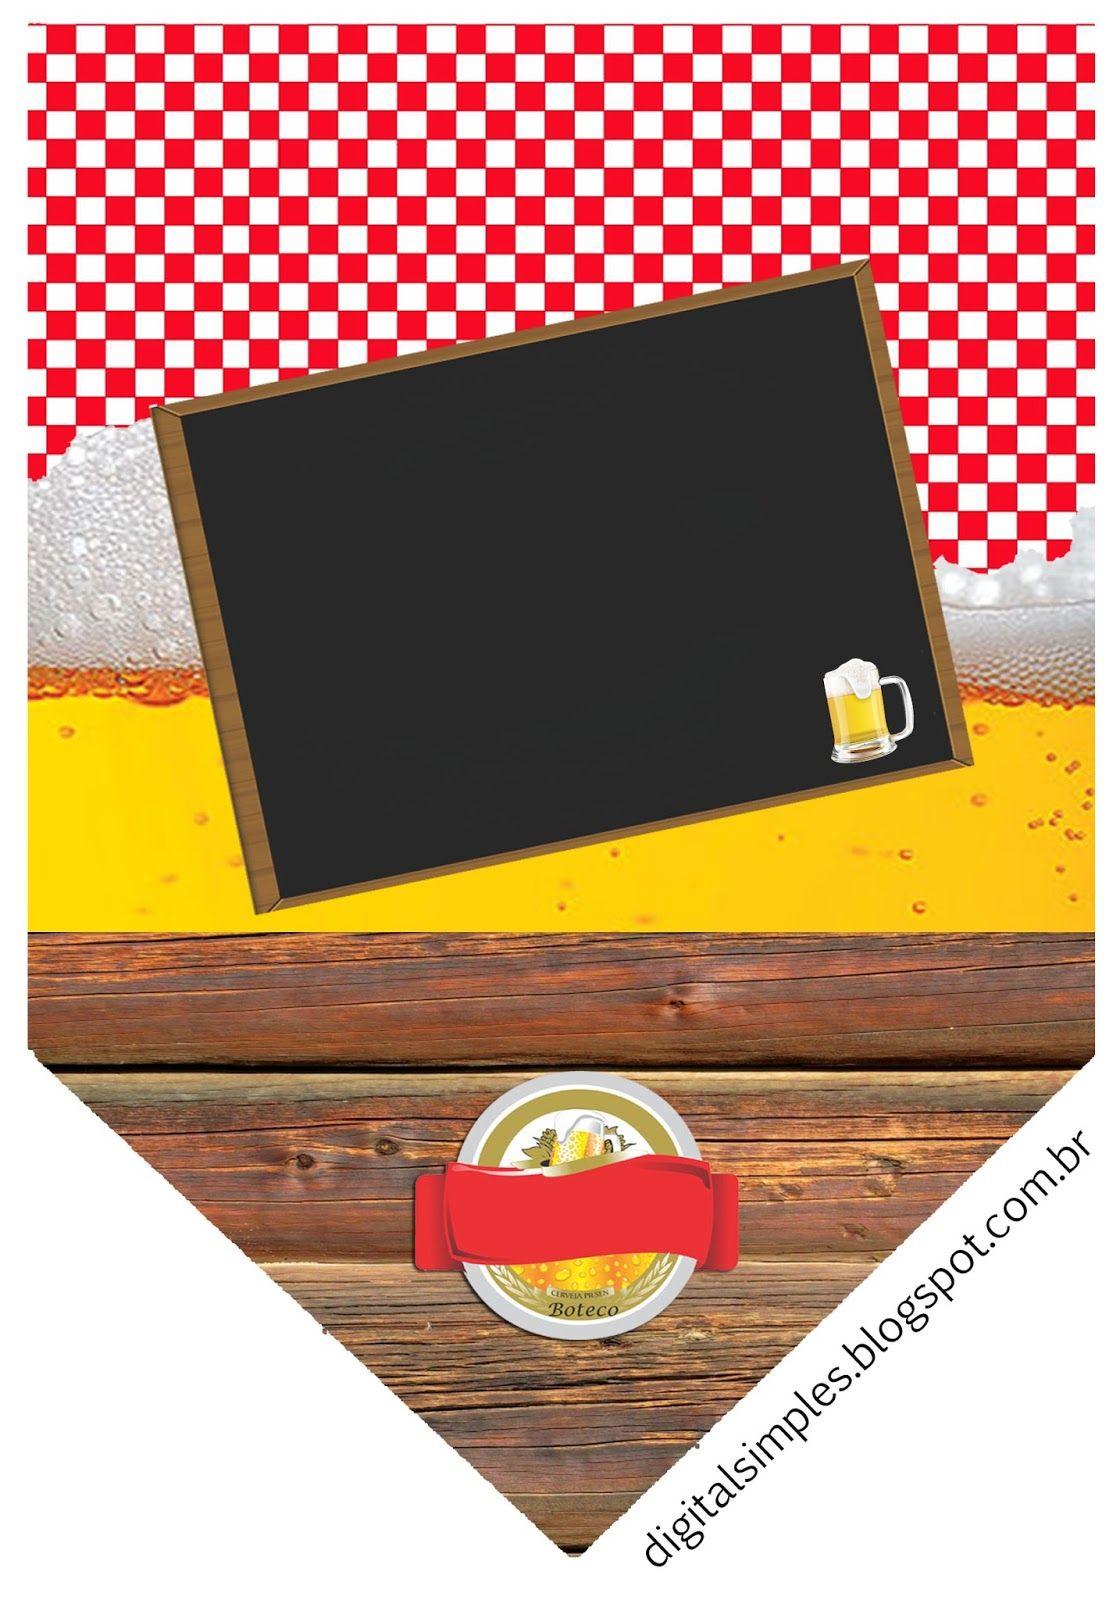 Pin De Vania Maria Pereira Em Bar Bar E 50th